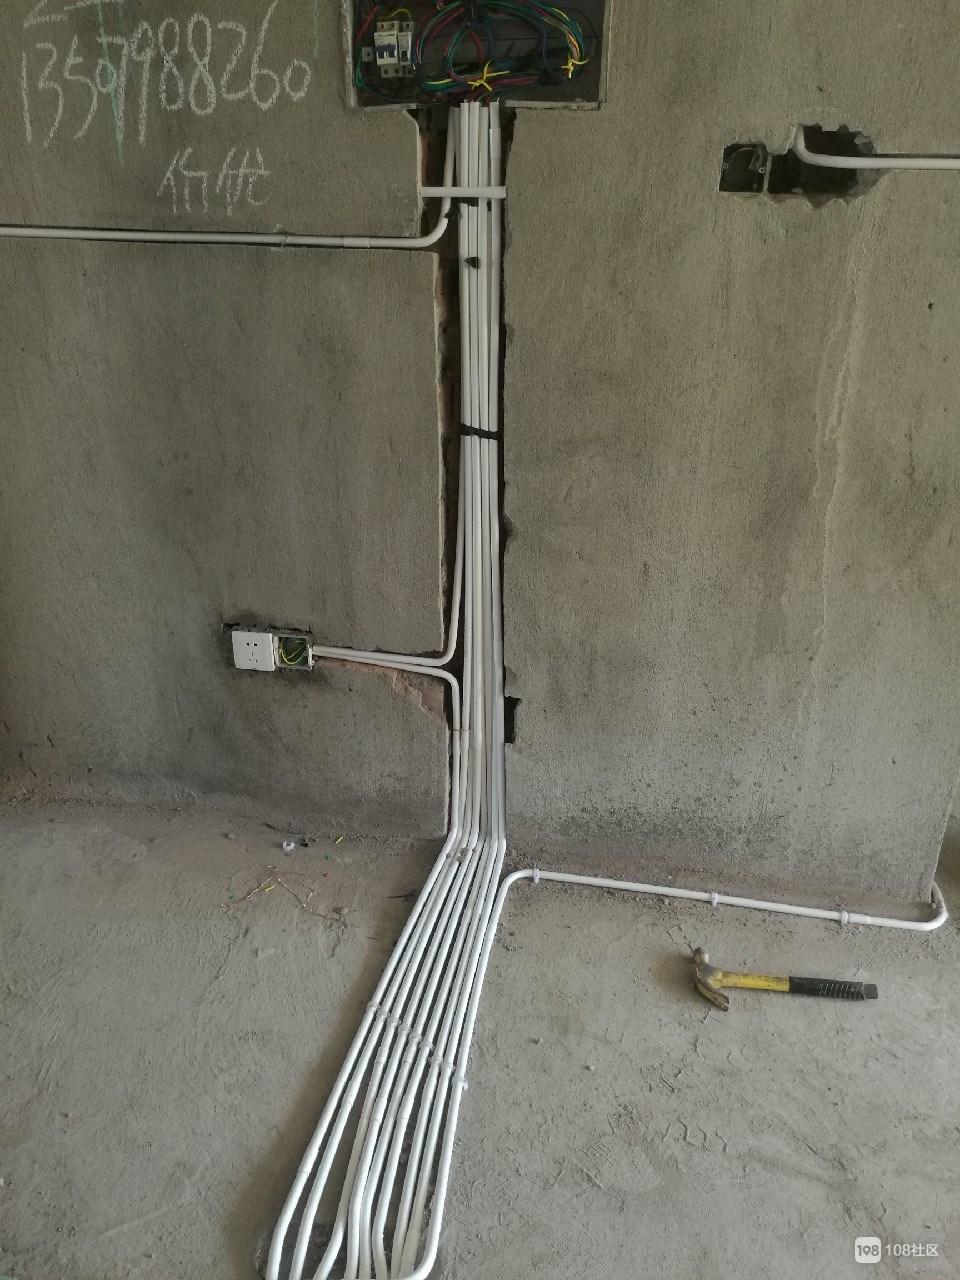 线路检修.冰箱,空调,洗衣机,热水器,油烟机等大小电器维修.